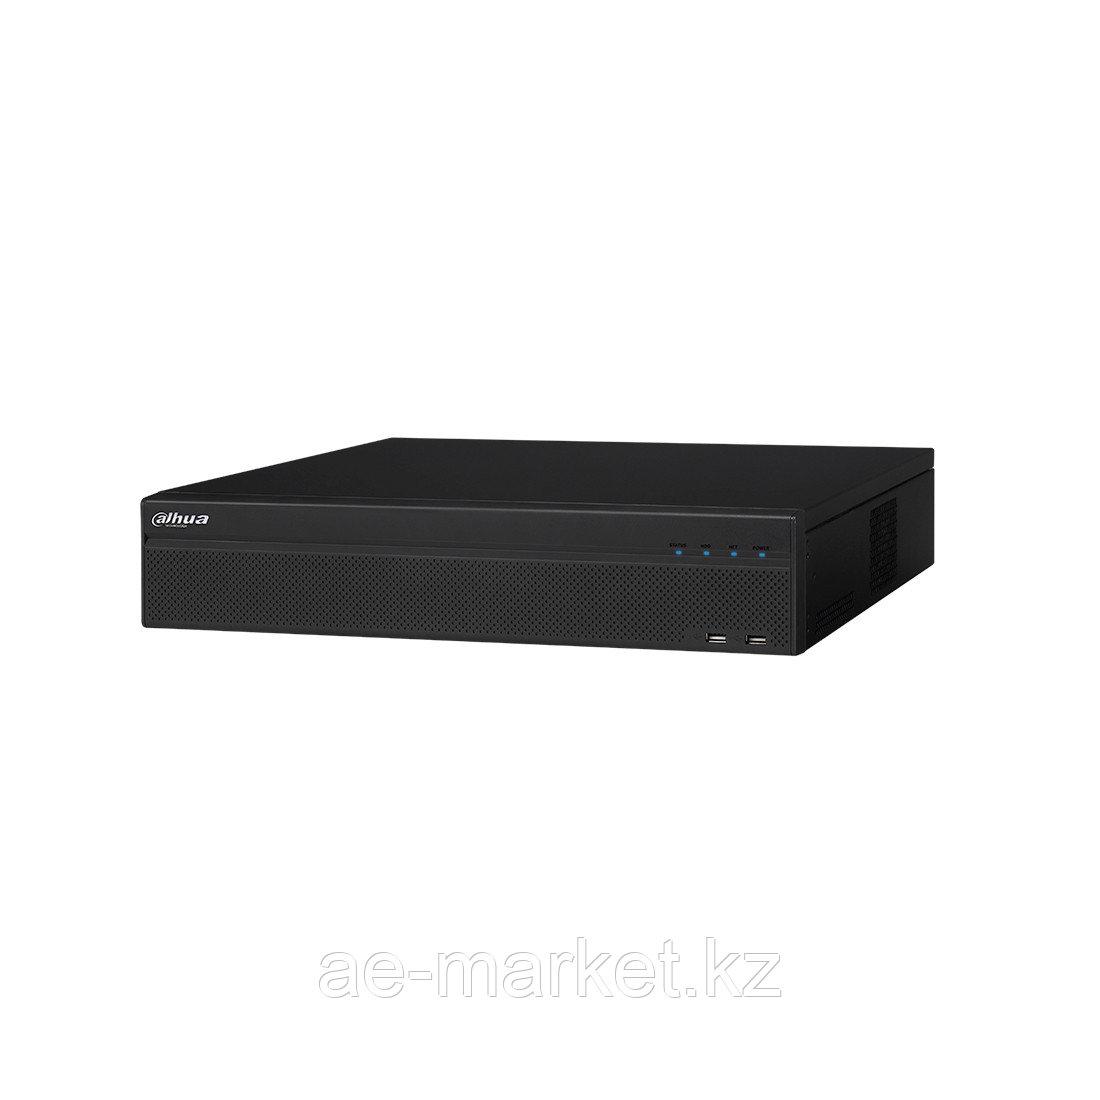 Сетевой видеорегистратор Dahua DHI-NVR608-32-4KS2